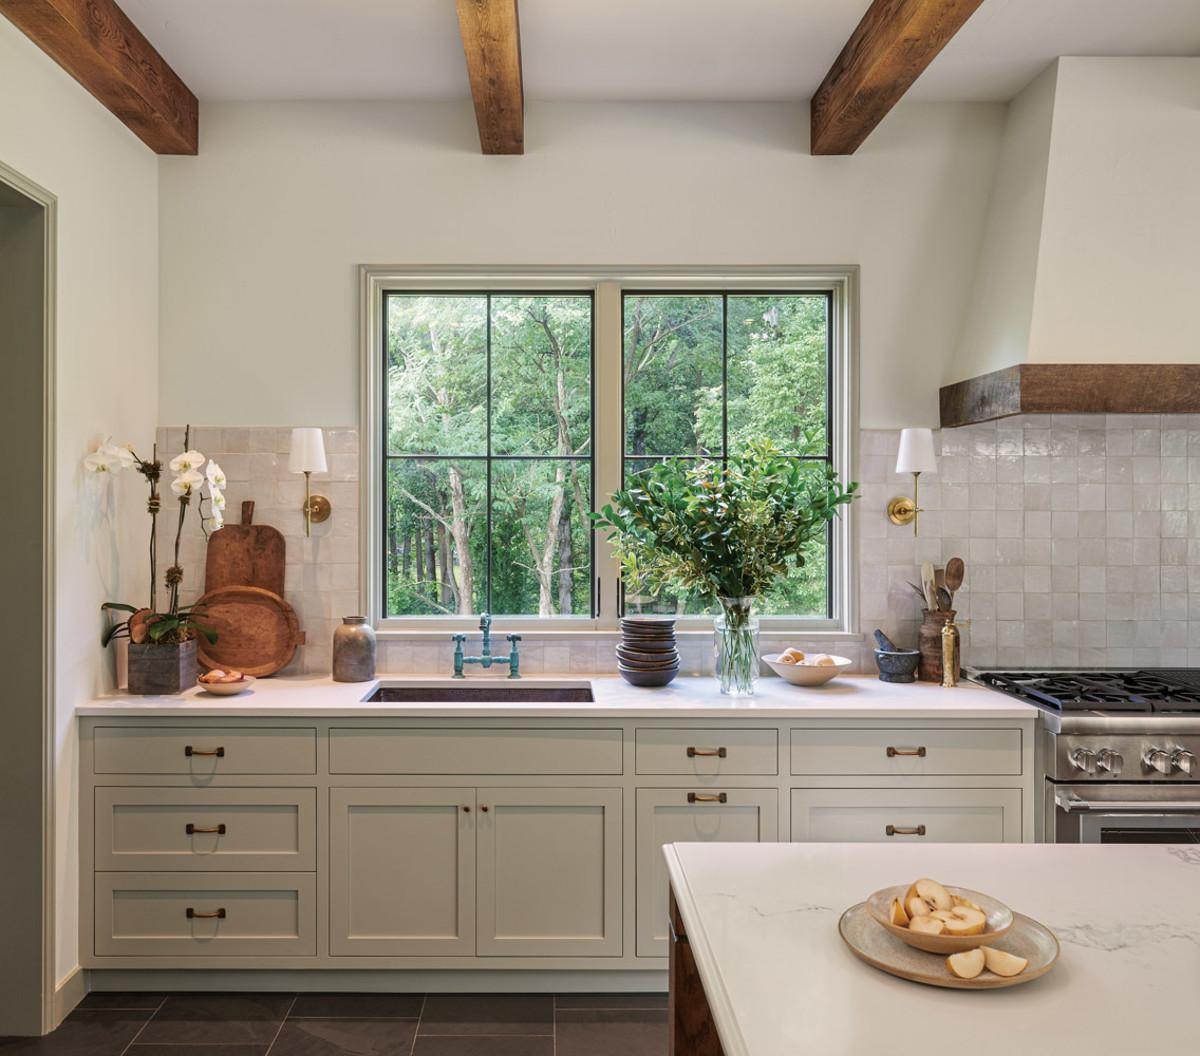 BarnesVanze English Country-style kitchen